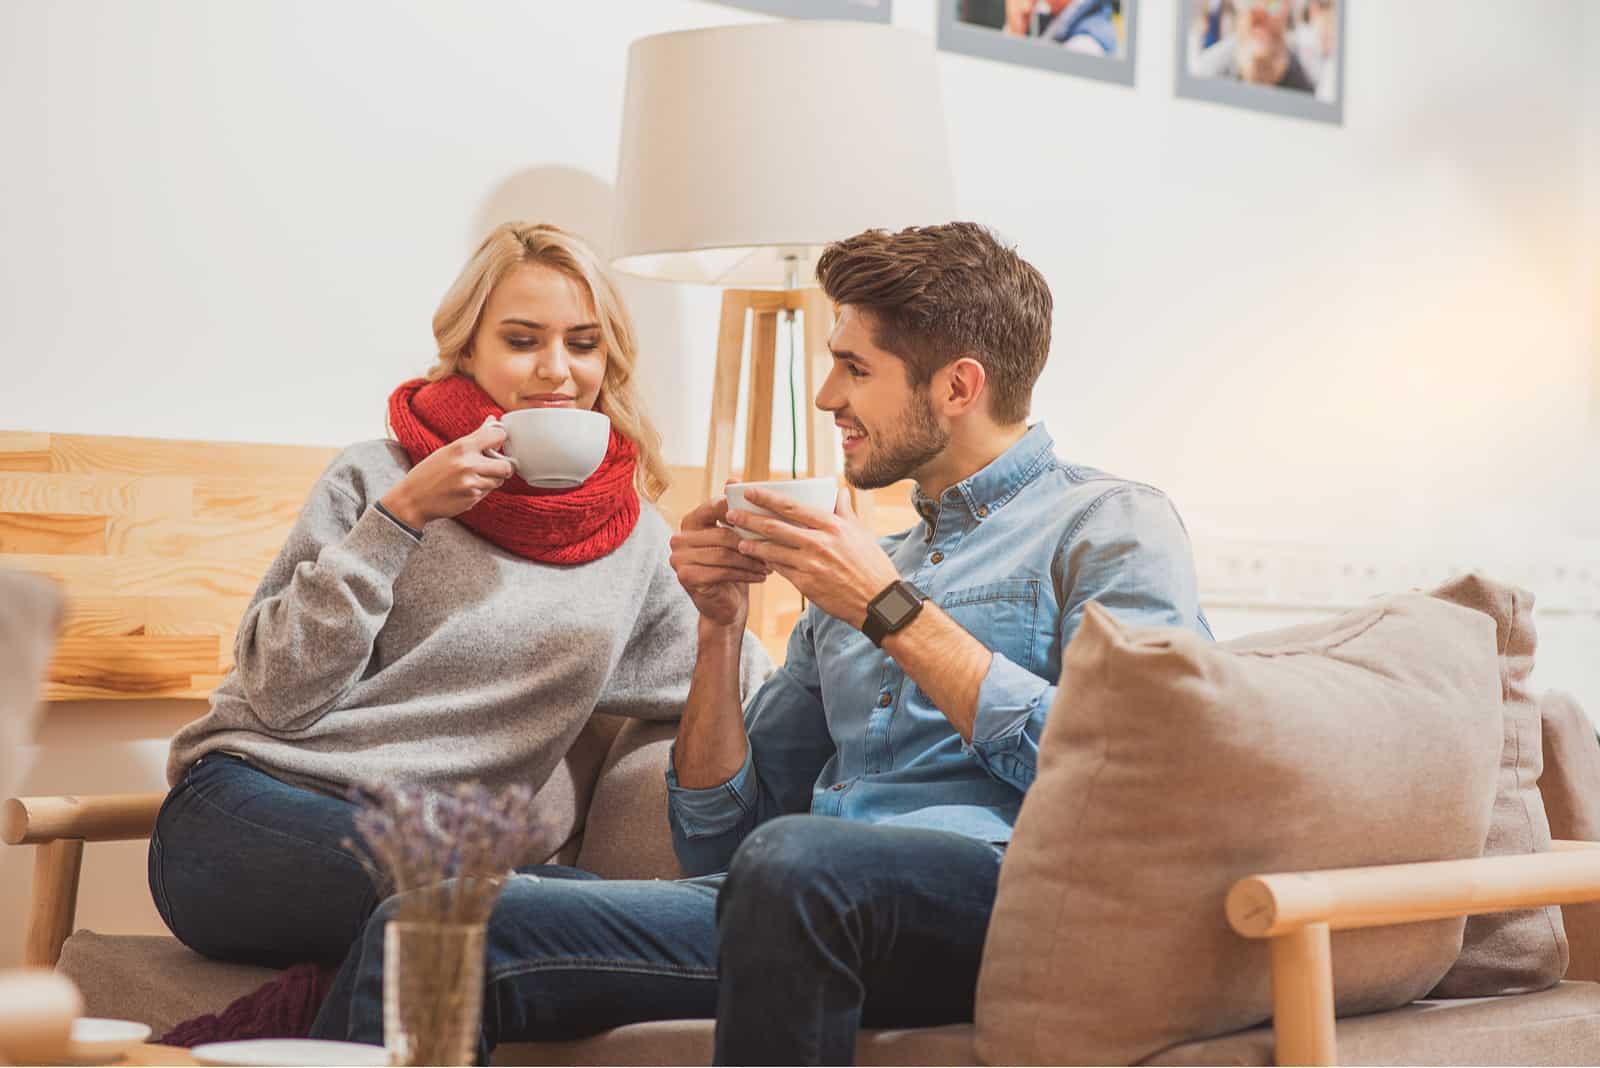 ein Mann und eine Frau sitzen auf der Couch und unterhalten sich